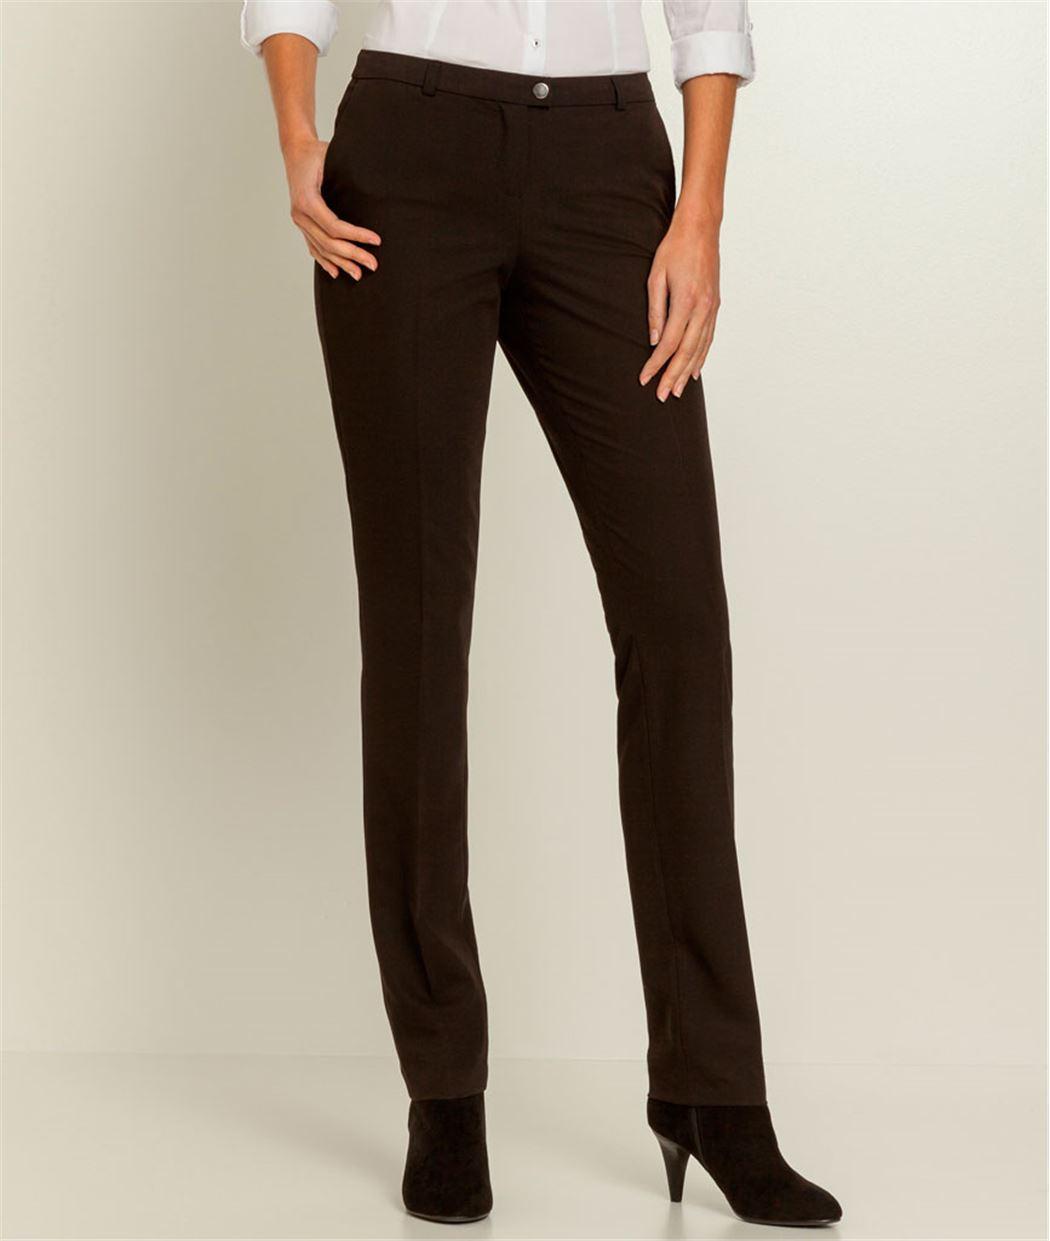 Pantalon femme droit stretch NOIR